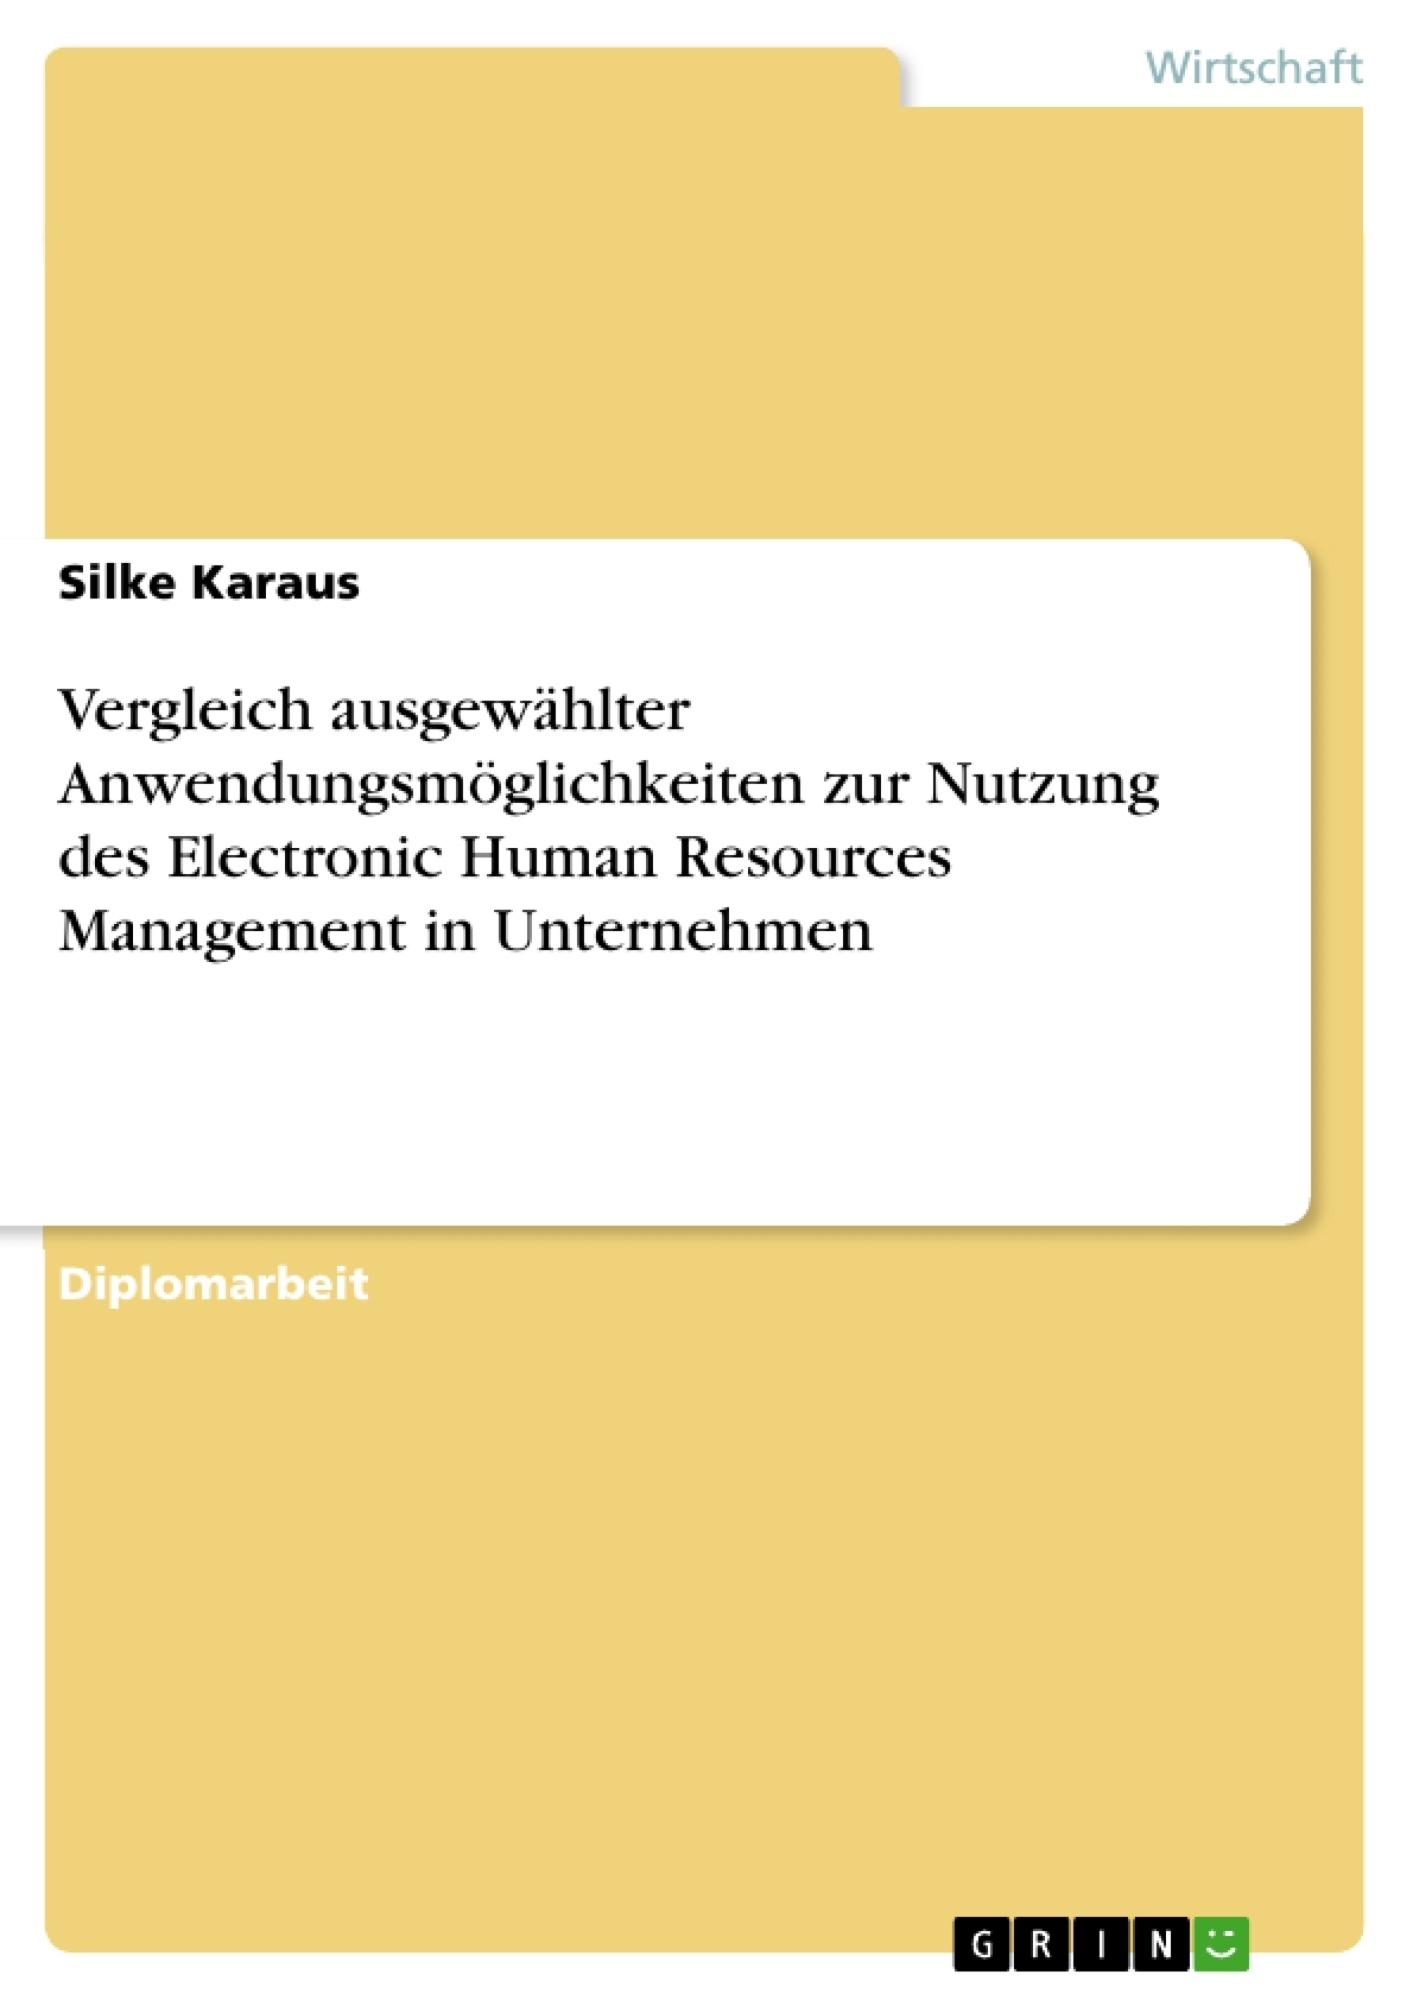 Titel: Vergleich ausgewählter Anwendungsmöglichkeiten zur Nutzung des Electronic Human Resources Management in Unternehmen